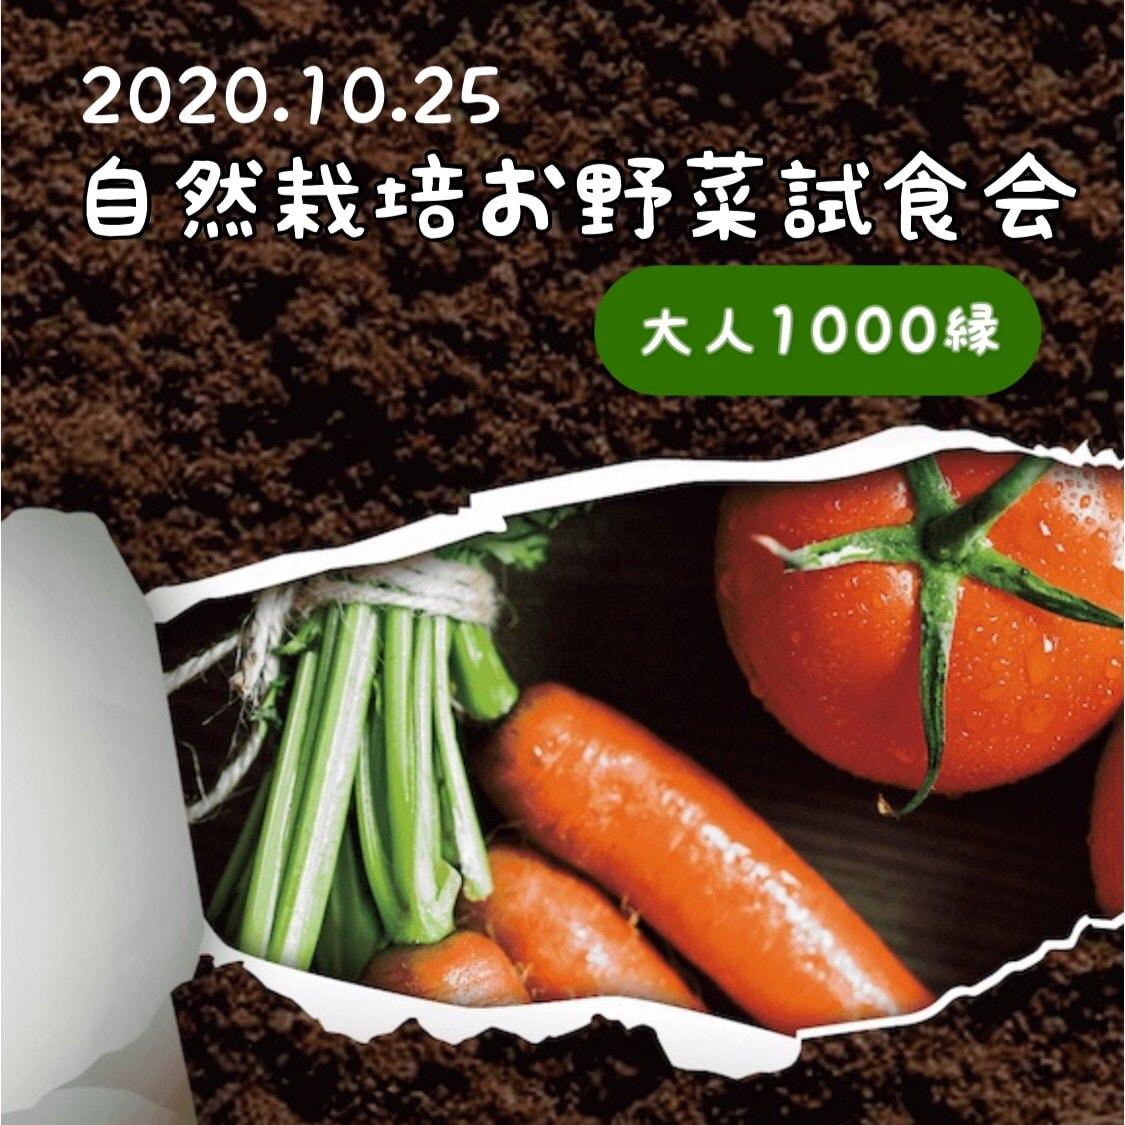 自然栽培お野菜試食会チケットのイメージその2